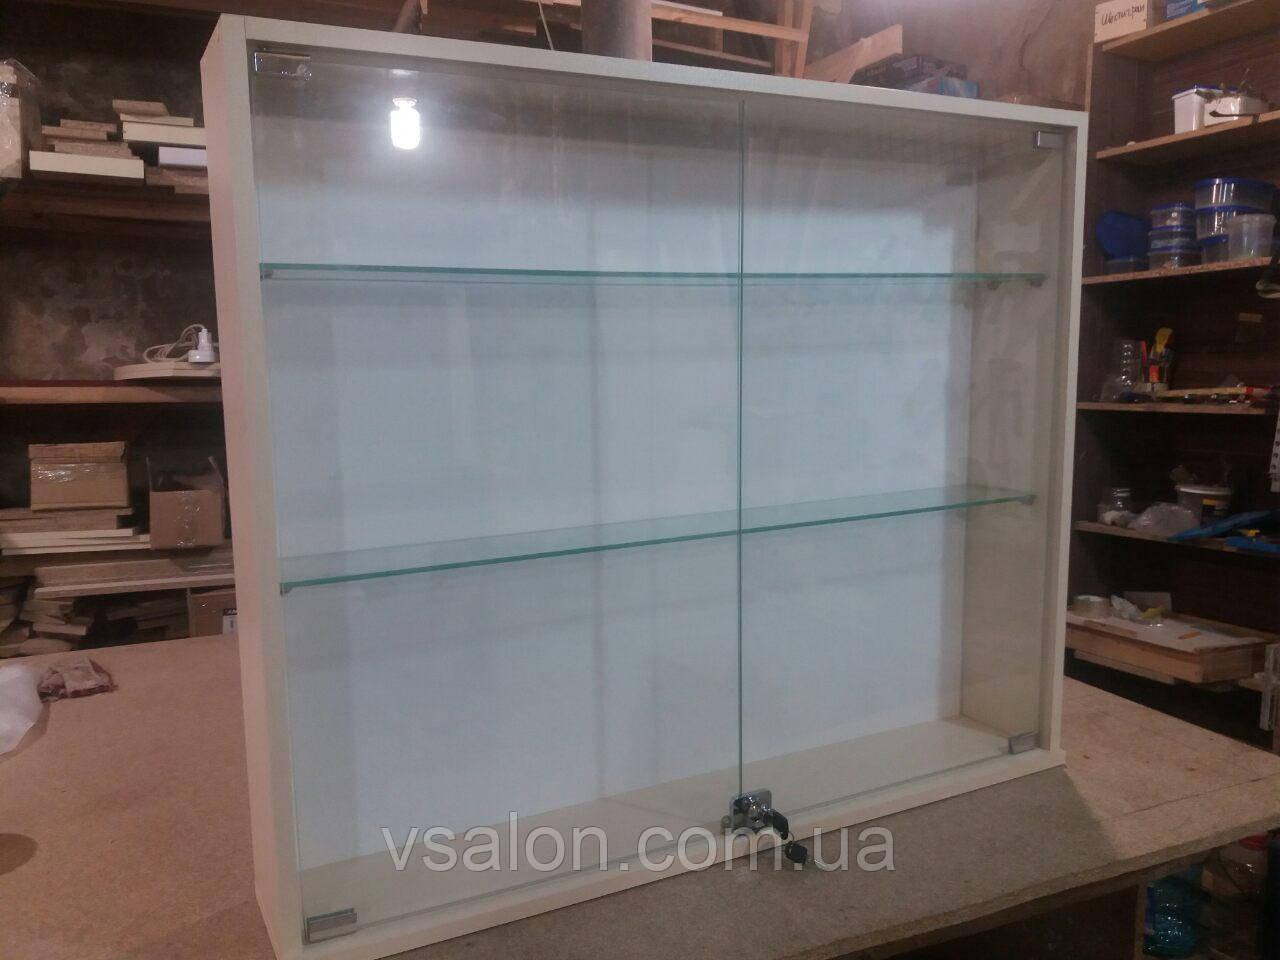 Навесная витрина со стеклом А98